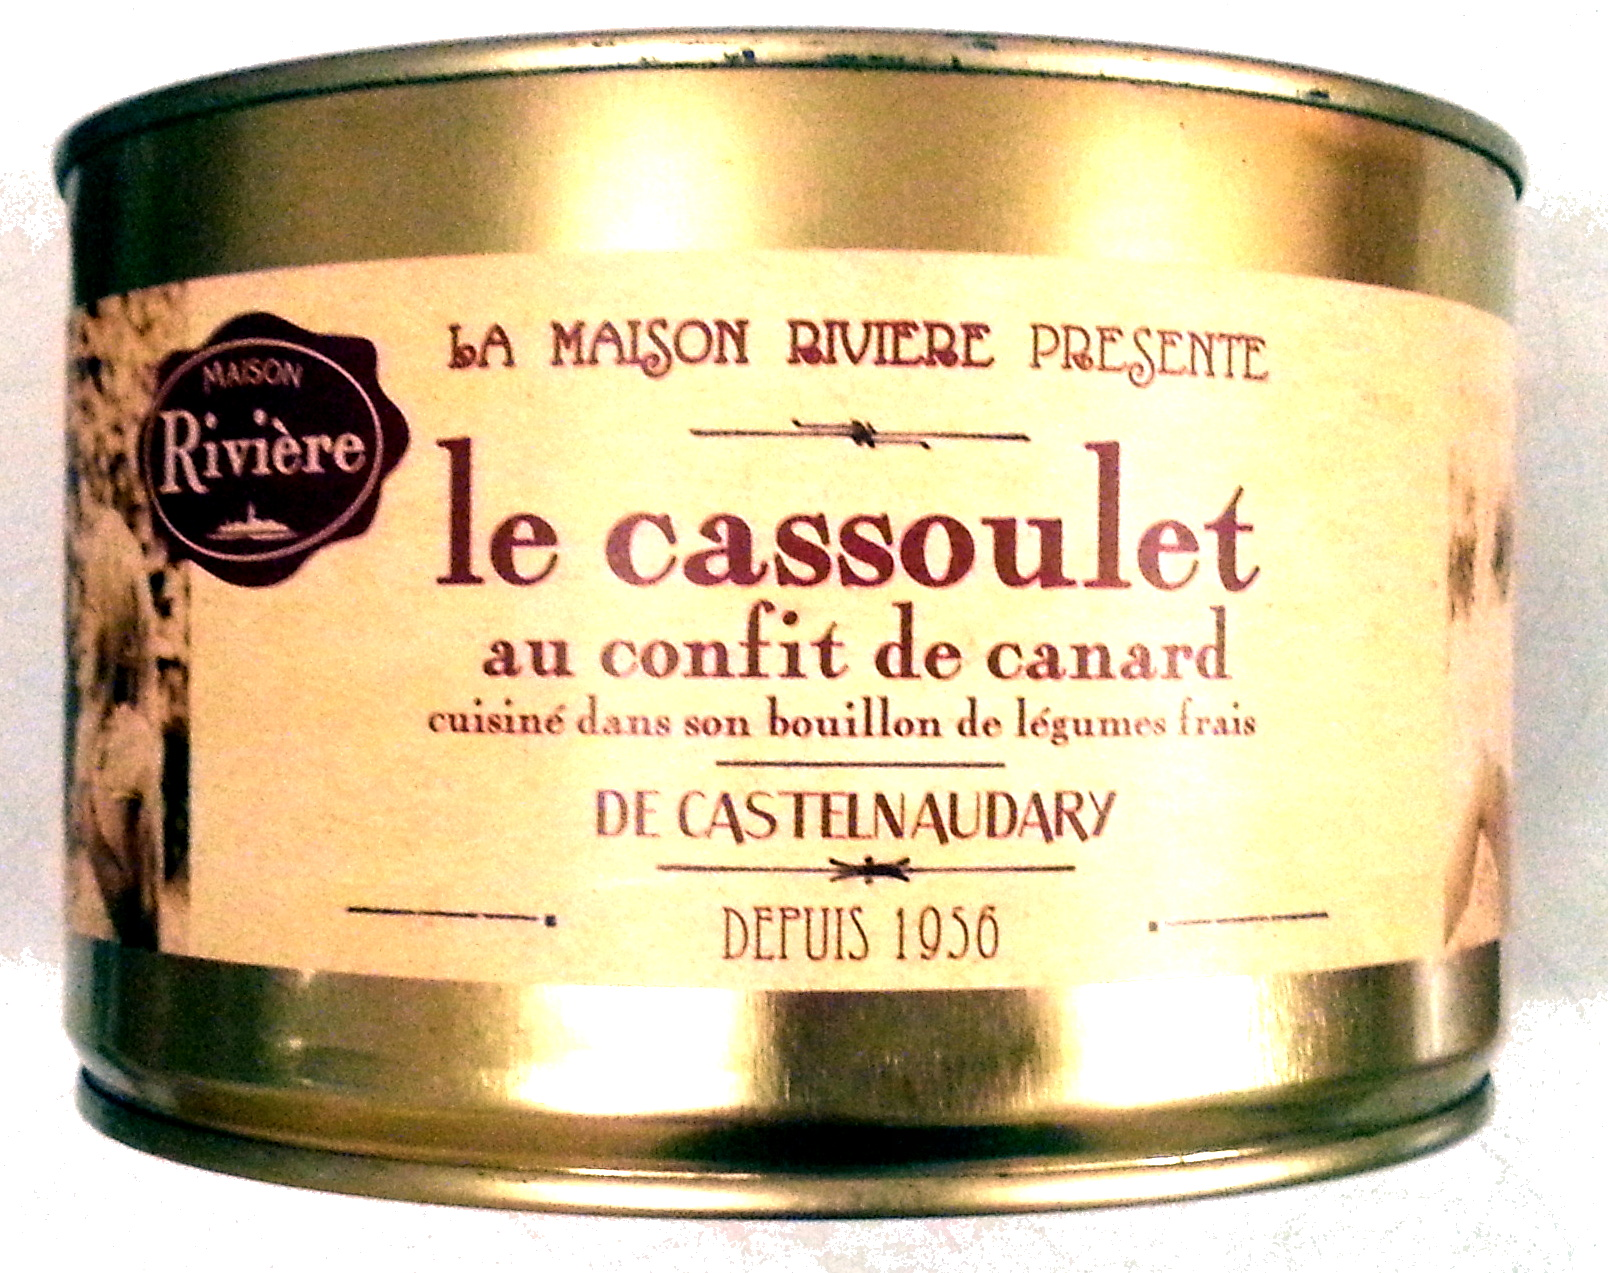 Le cassoulet au confit de canard de Castelnaudary cuisiné dans son bouillon de légumes frais, boîte 2/1 - Product